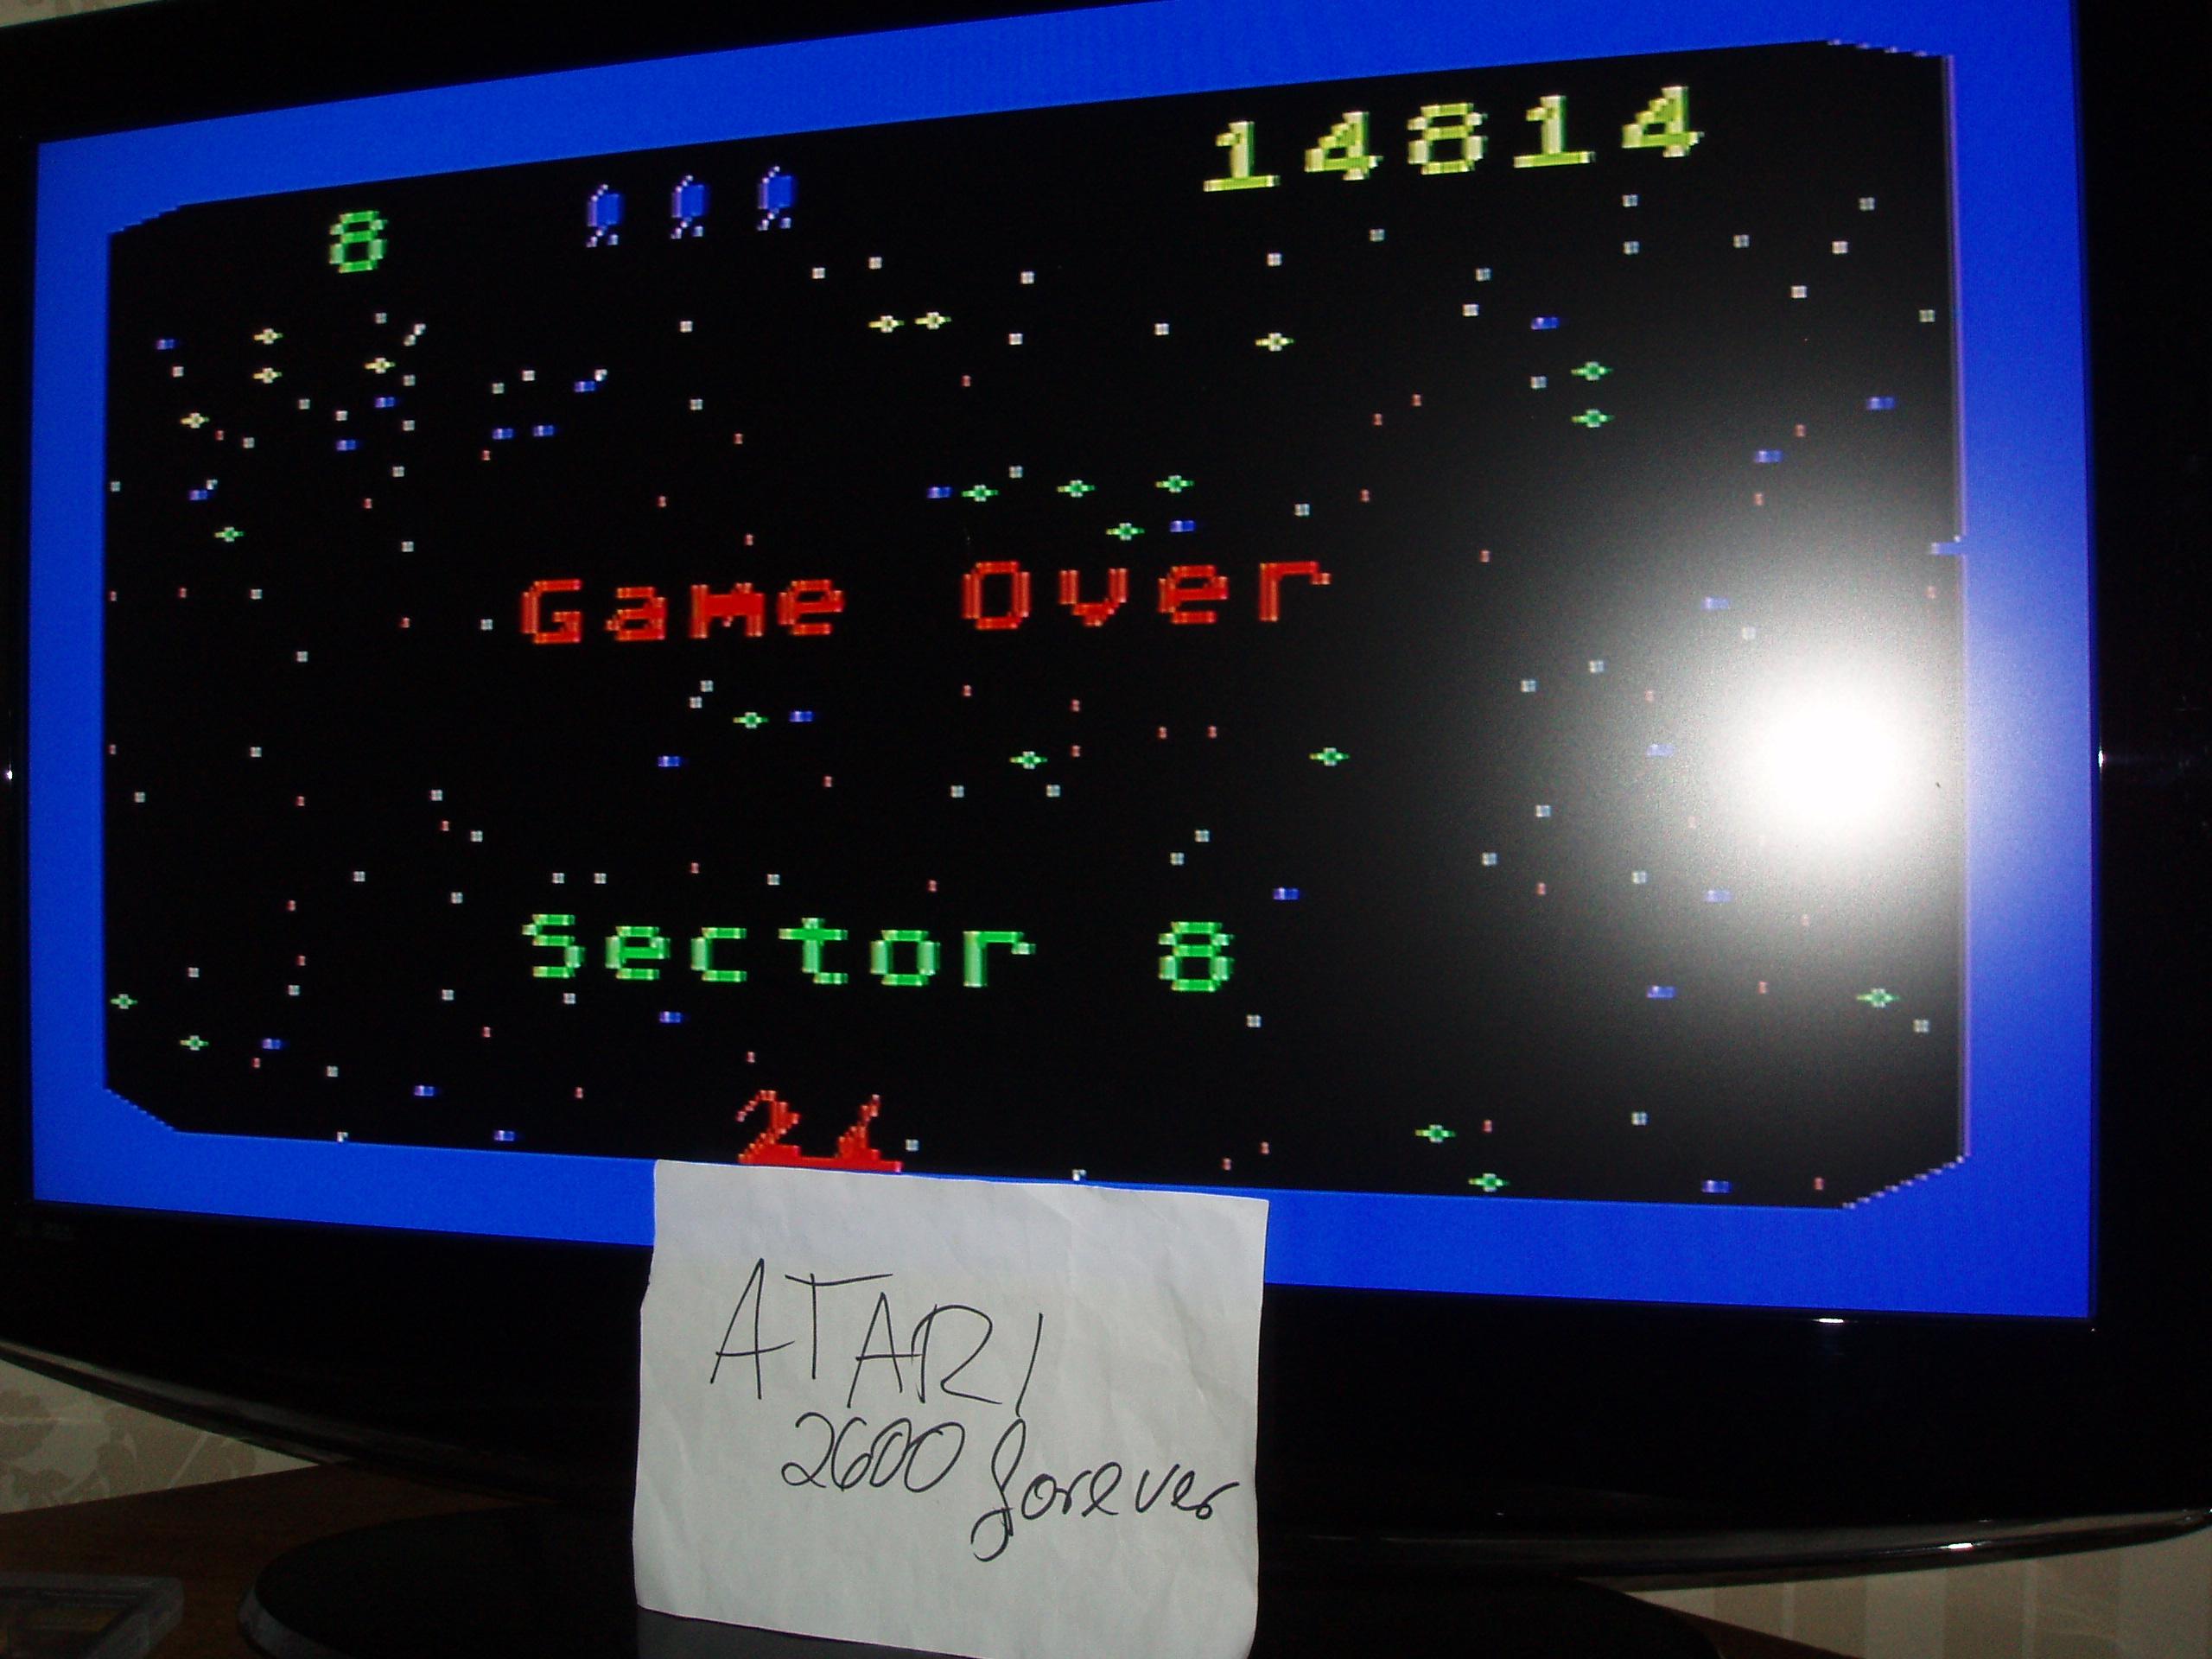 atari2600forever: Beamrider (Atari 5200) 14,814 points on 2019-04-29 03:28:33